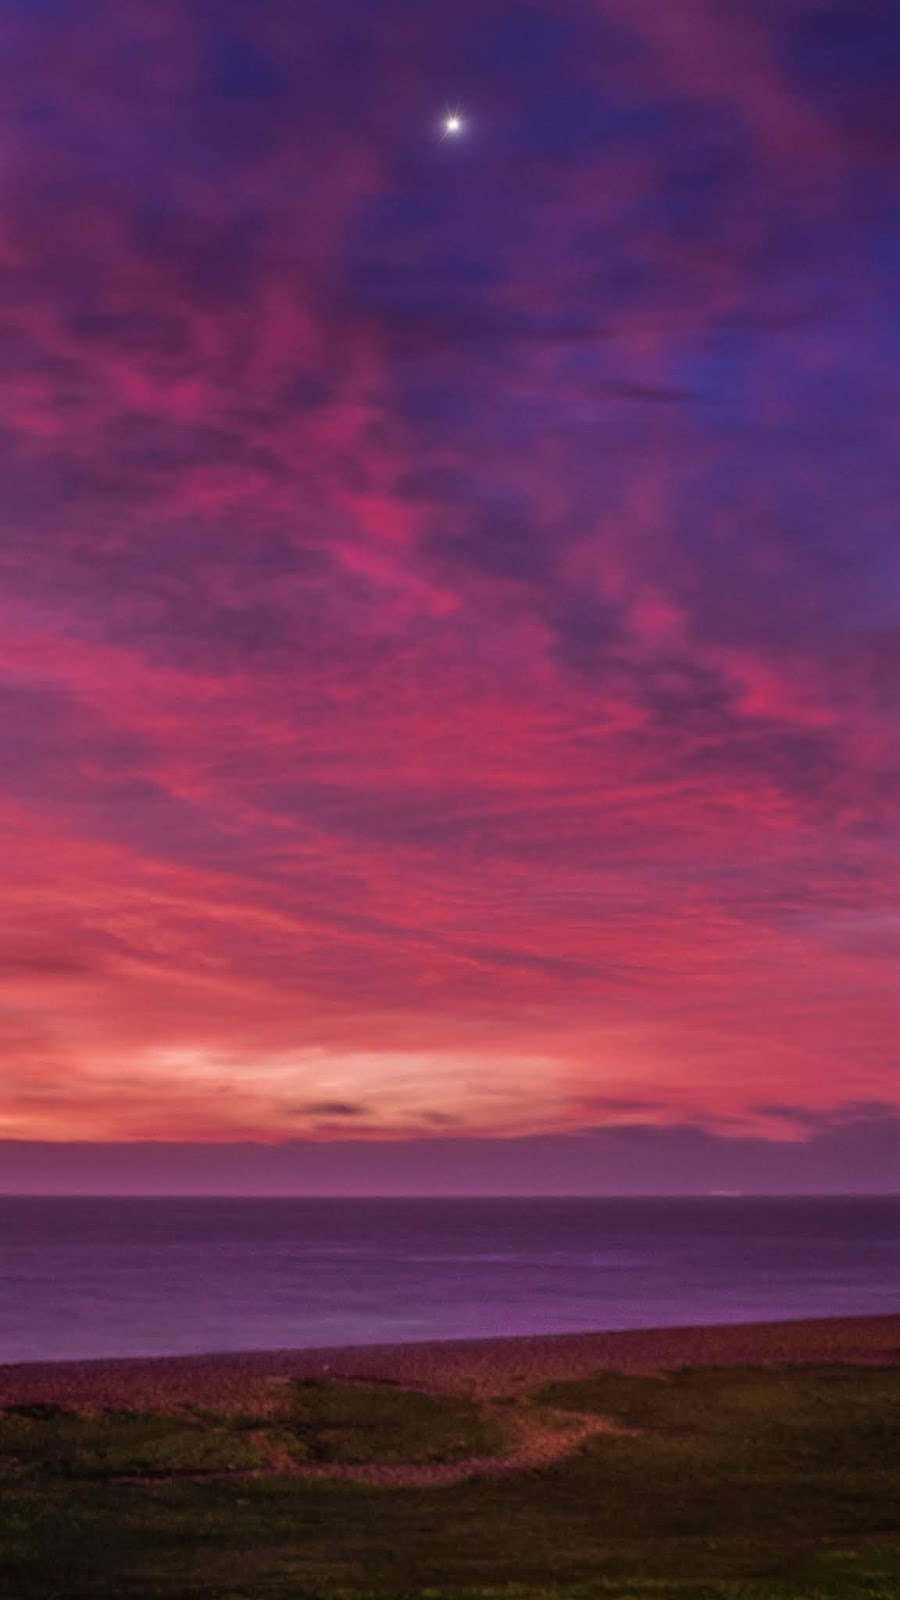 Sunset night